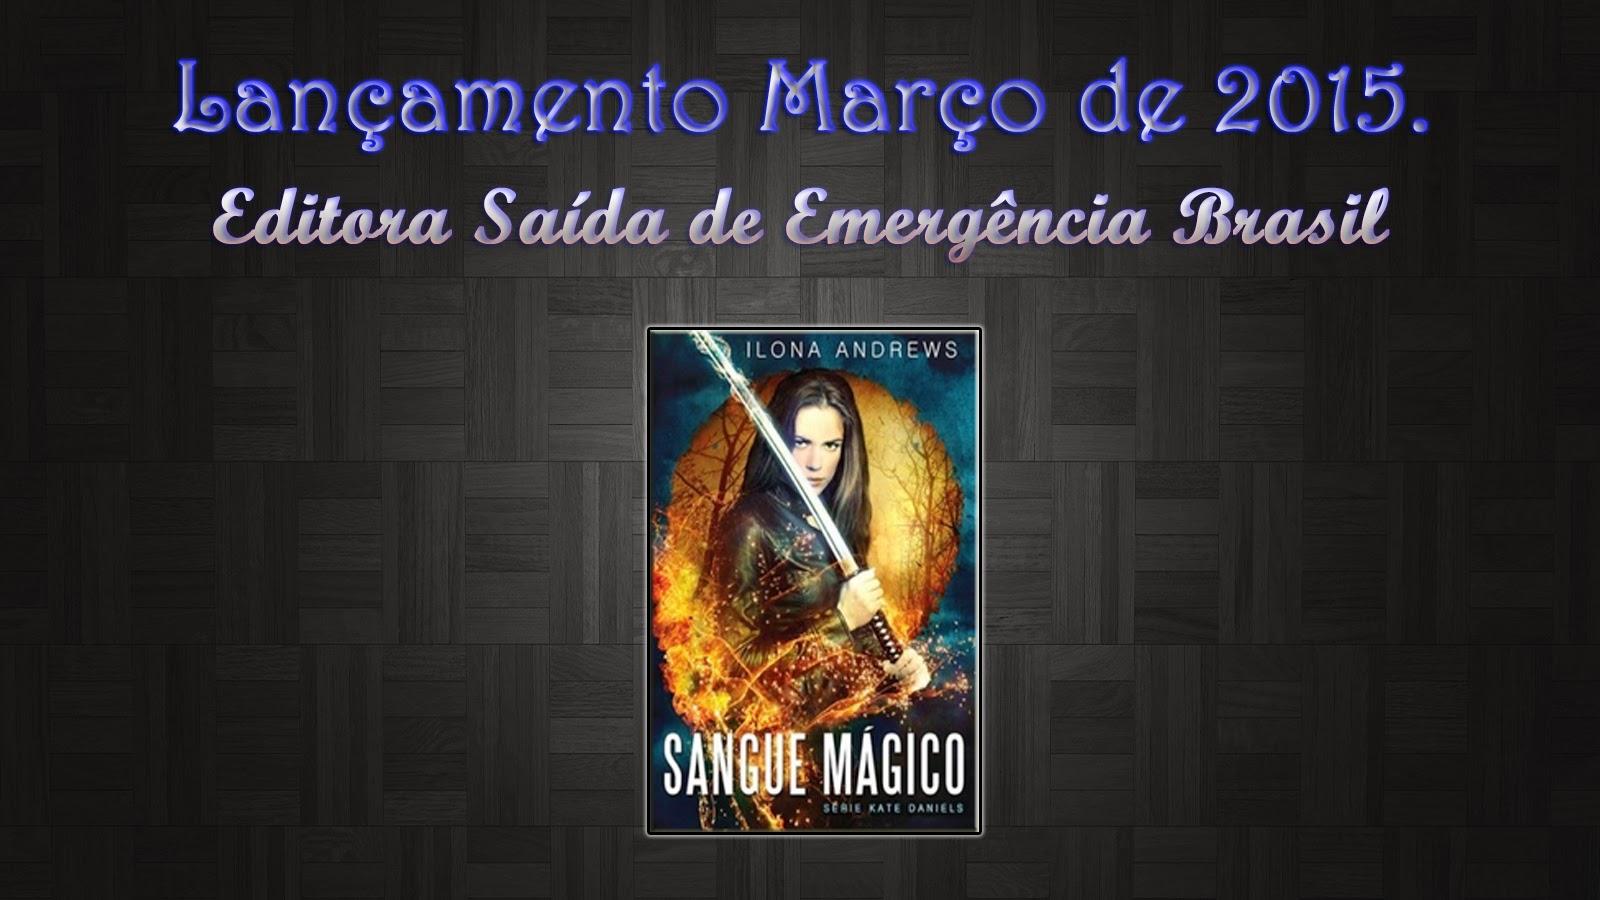 http://livrosetalgroup.blogspot.com.br/p/lancamentos-editora-saida-de-emergencia.html